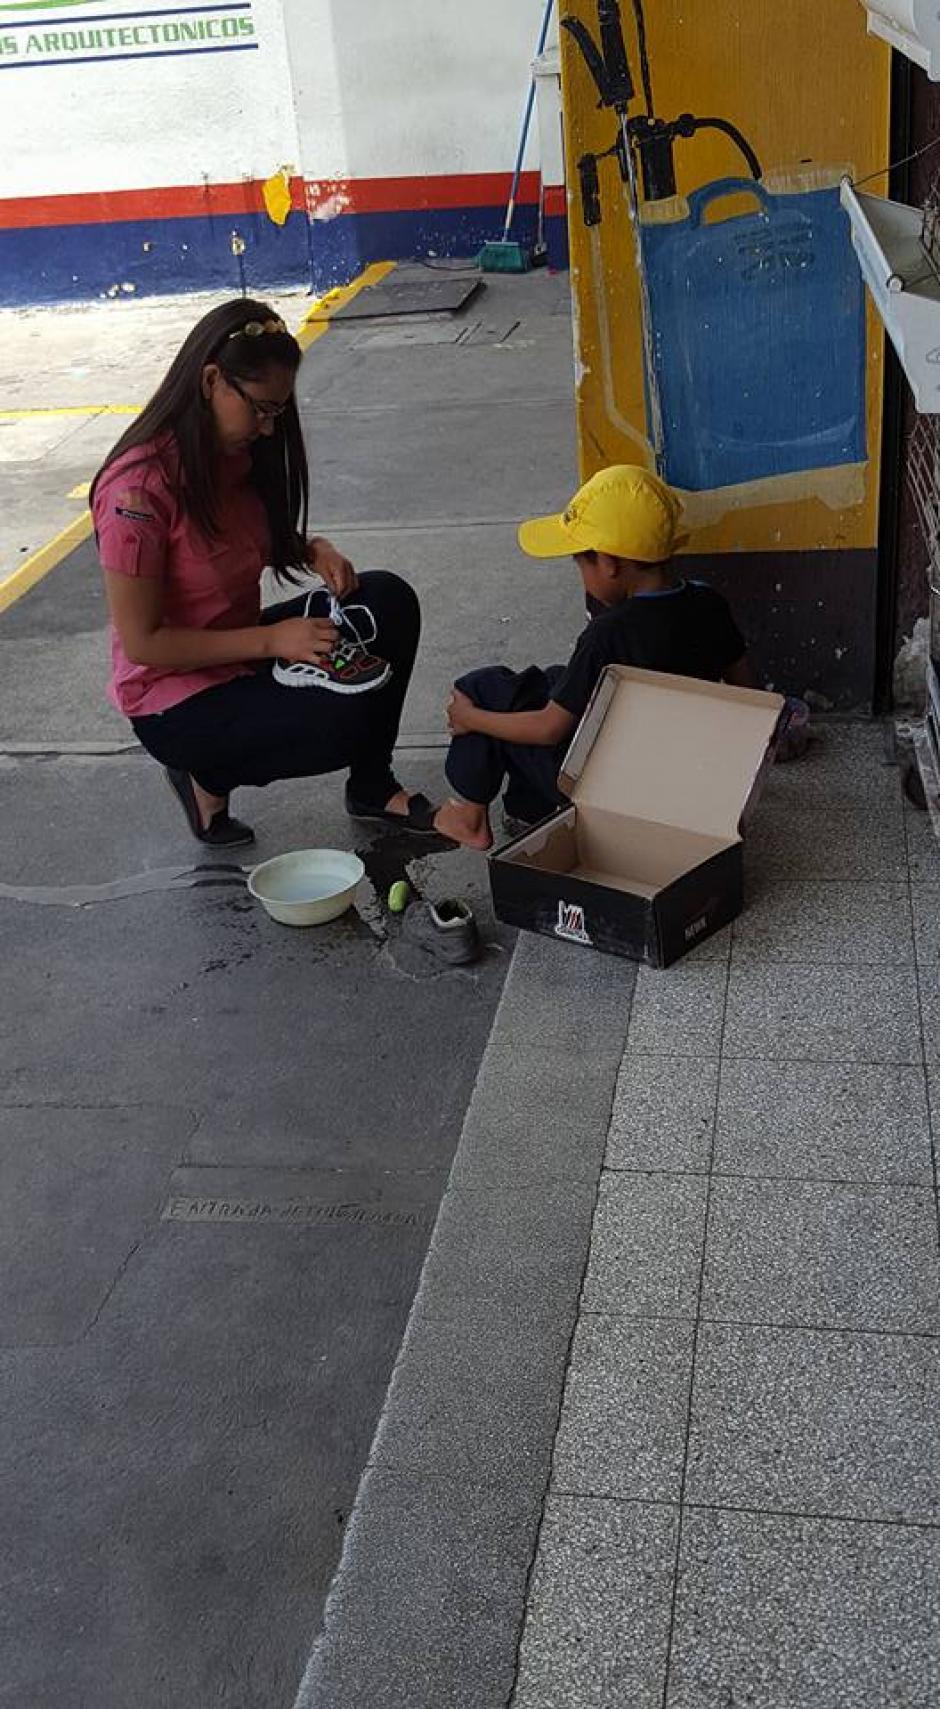 Con agua y jabón, la mujer se acerca al niño que ve sorprendido el acto solidario hacia él. (Foto: Jhon Monsalve)